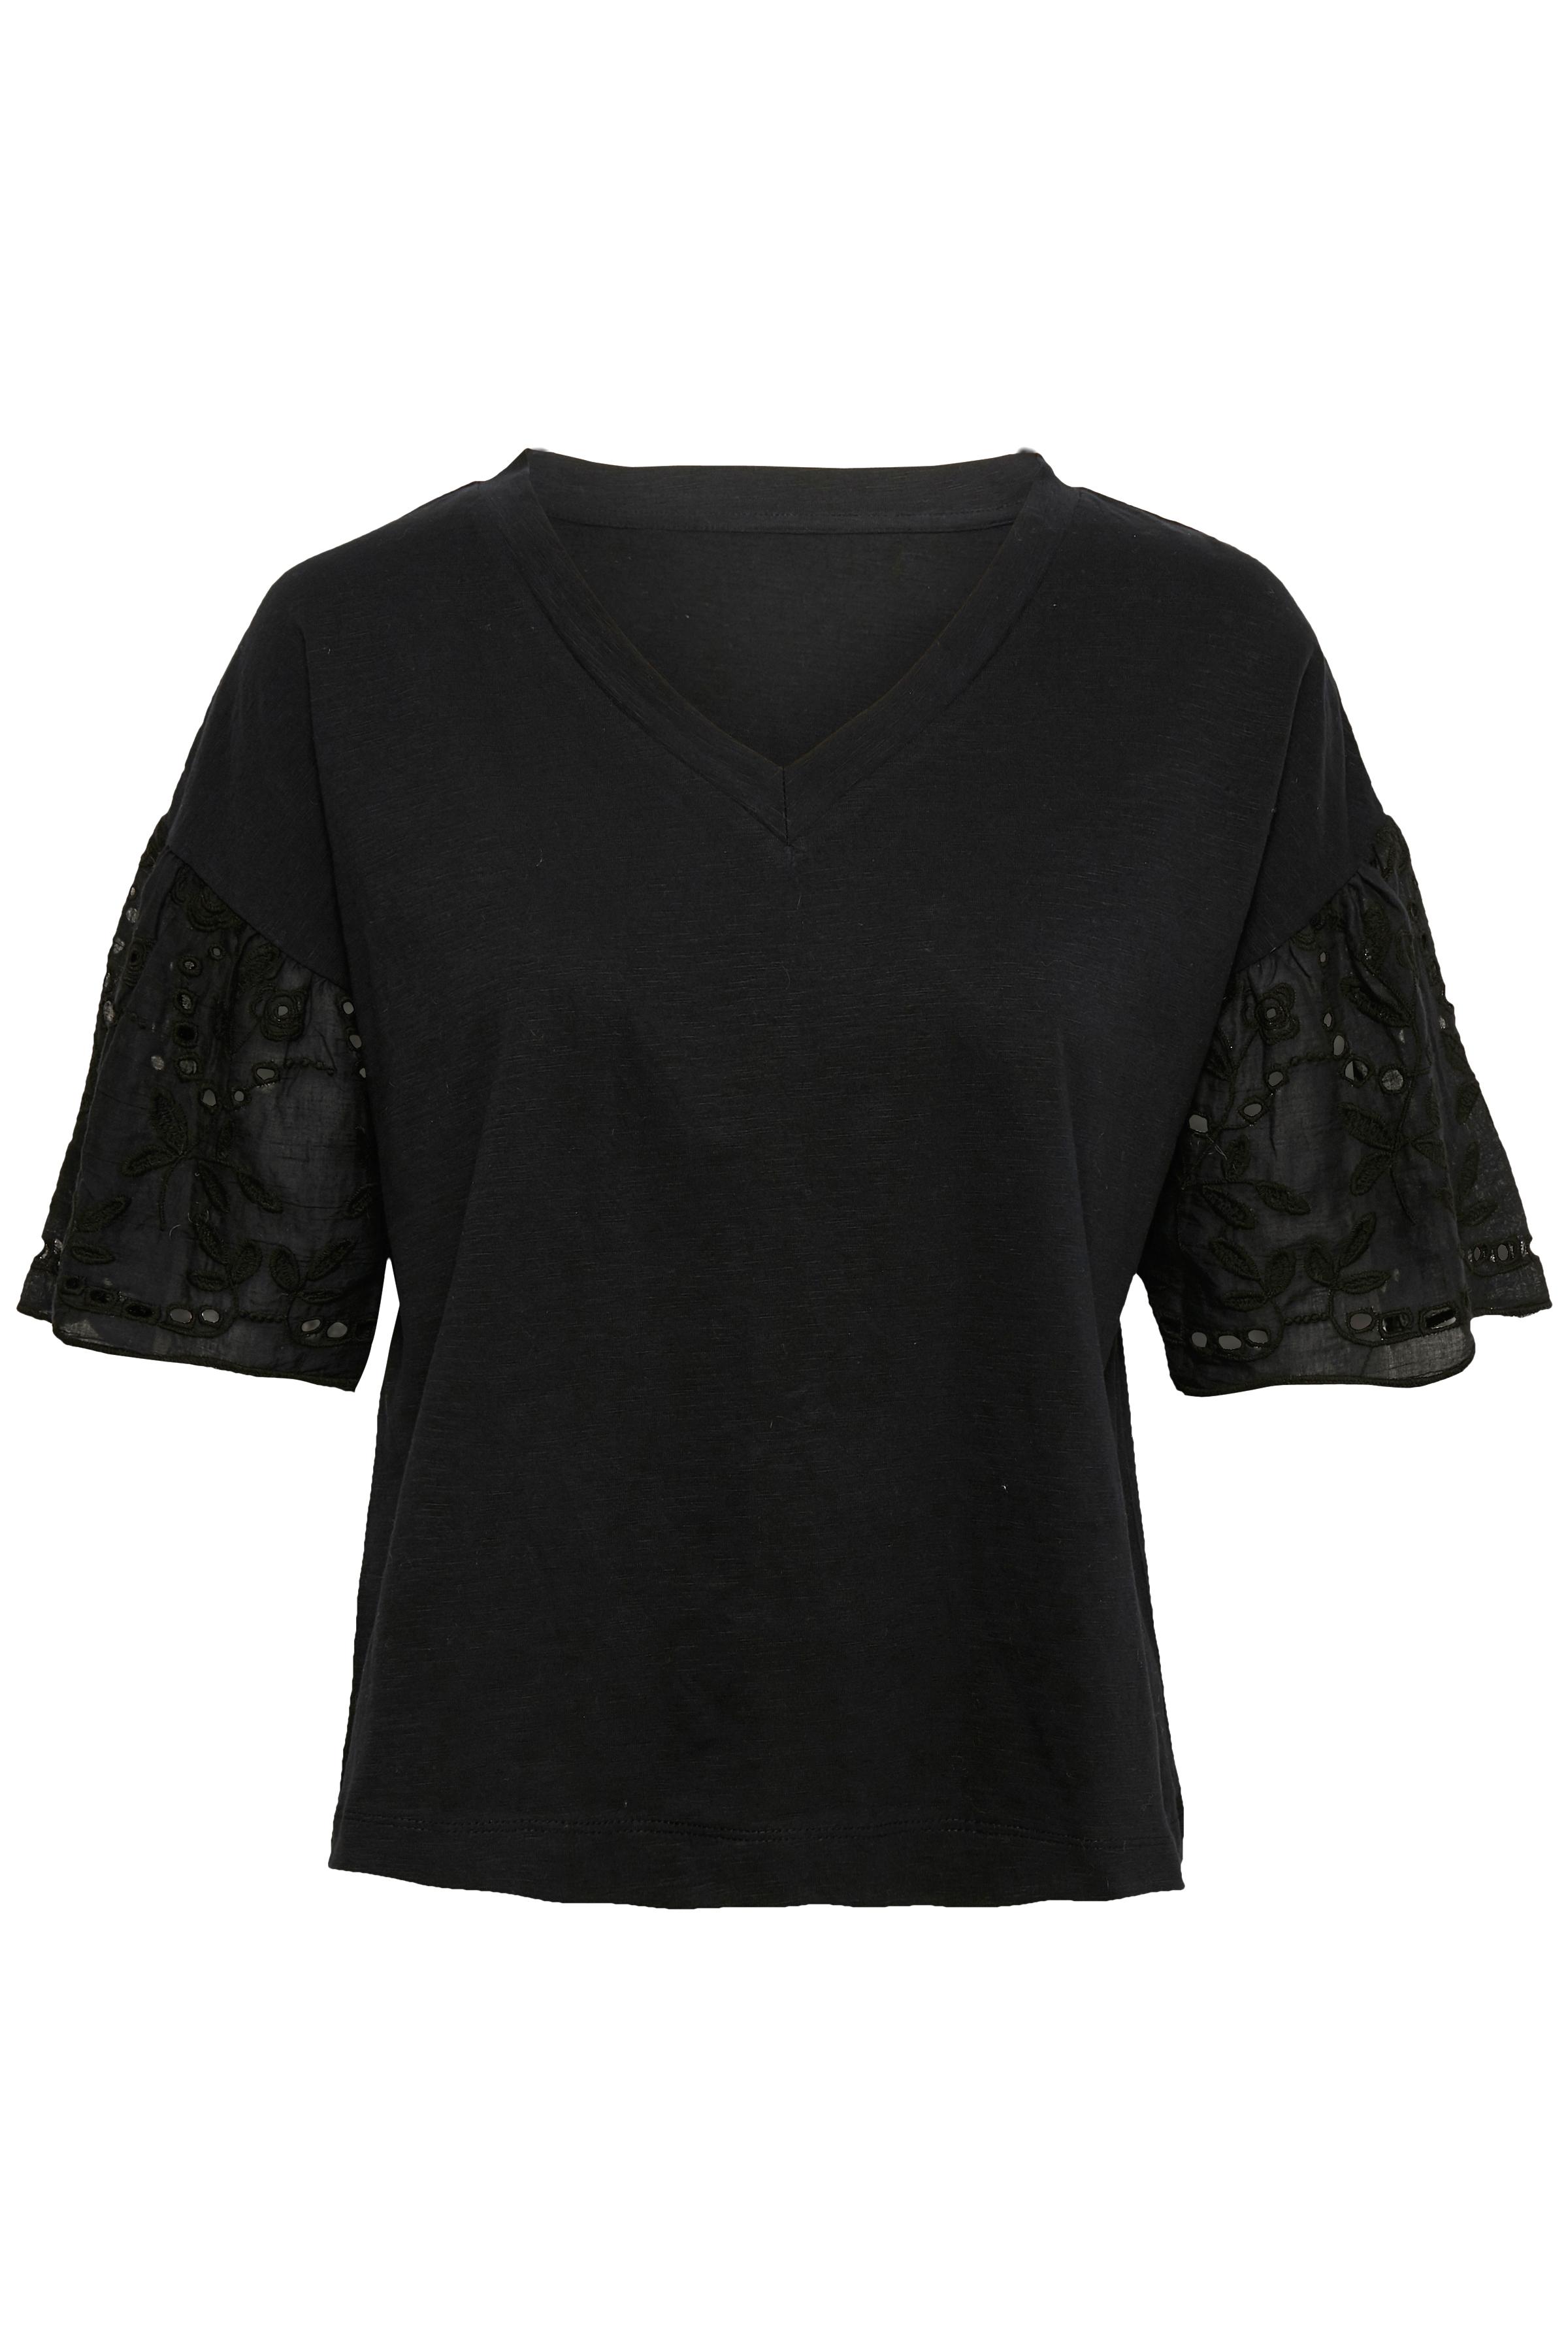 Image of Cream Dame Lili T-shirt med korte blonde ærmer og V-hals - Sort